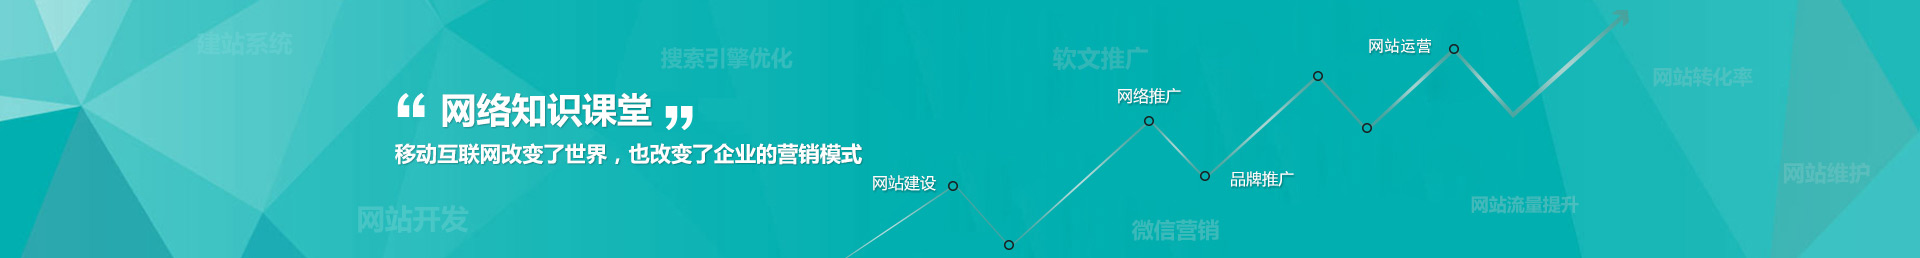 网商课堂_智企云网络商学院